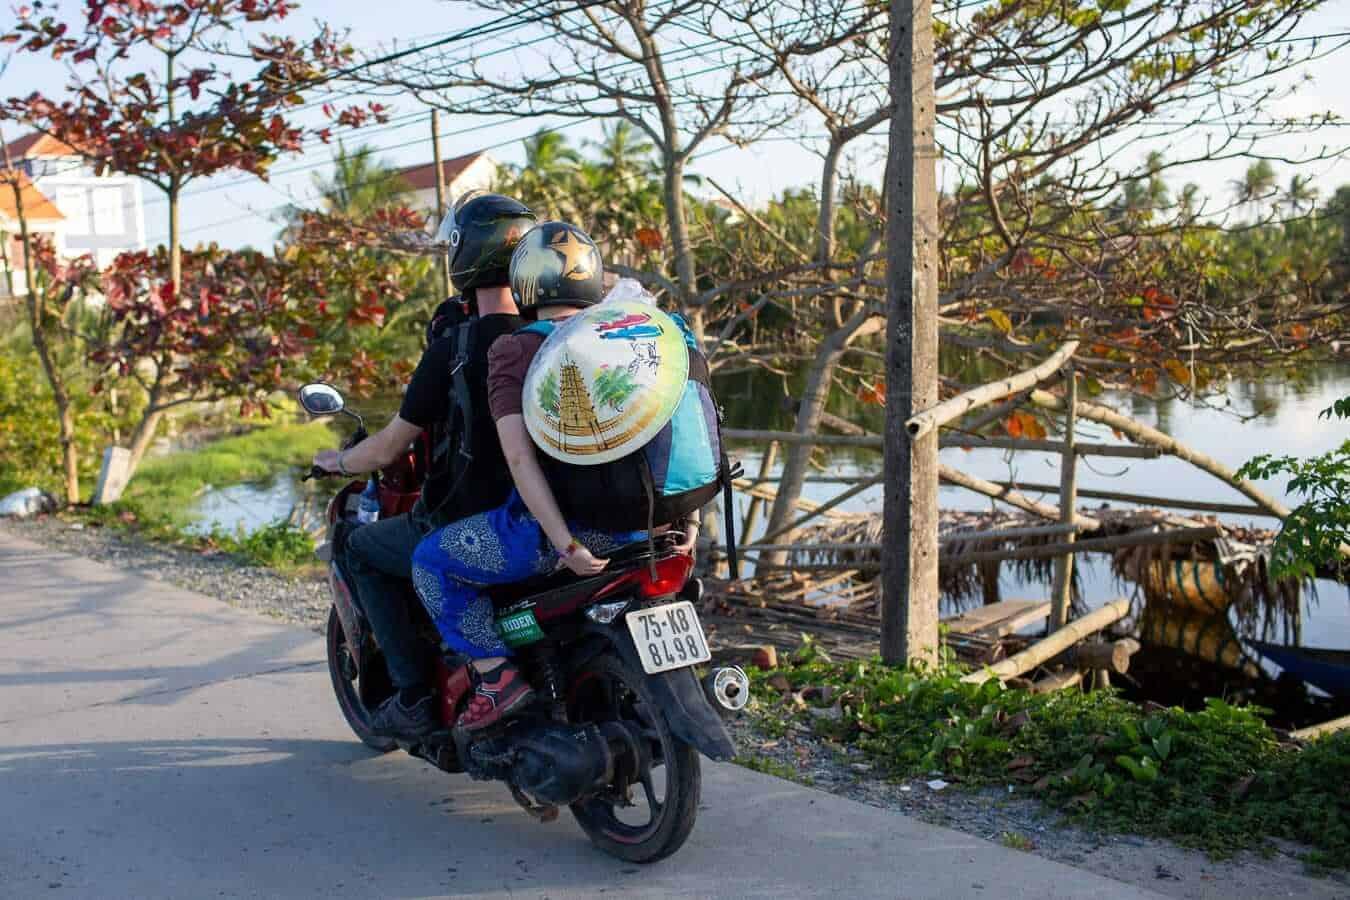 Checklist for motorbike rental in Vietnam